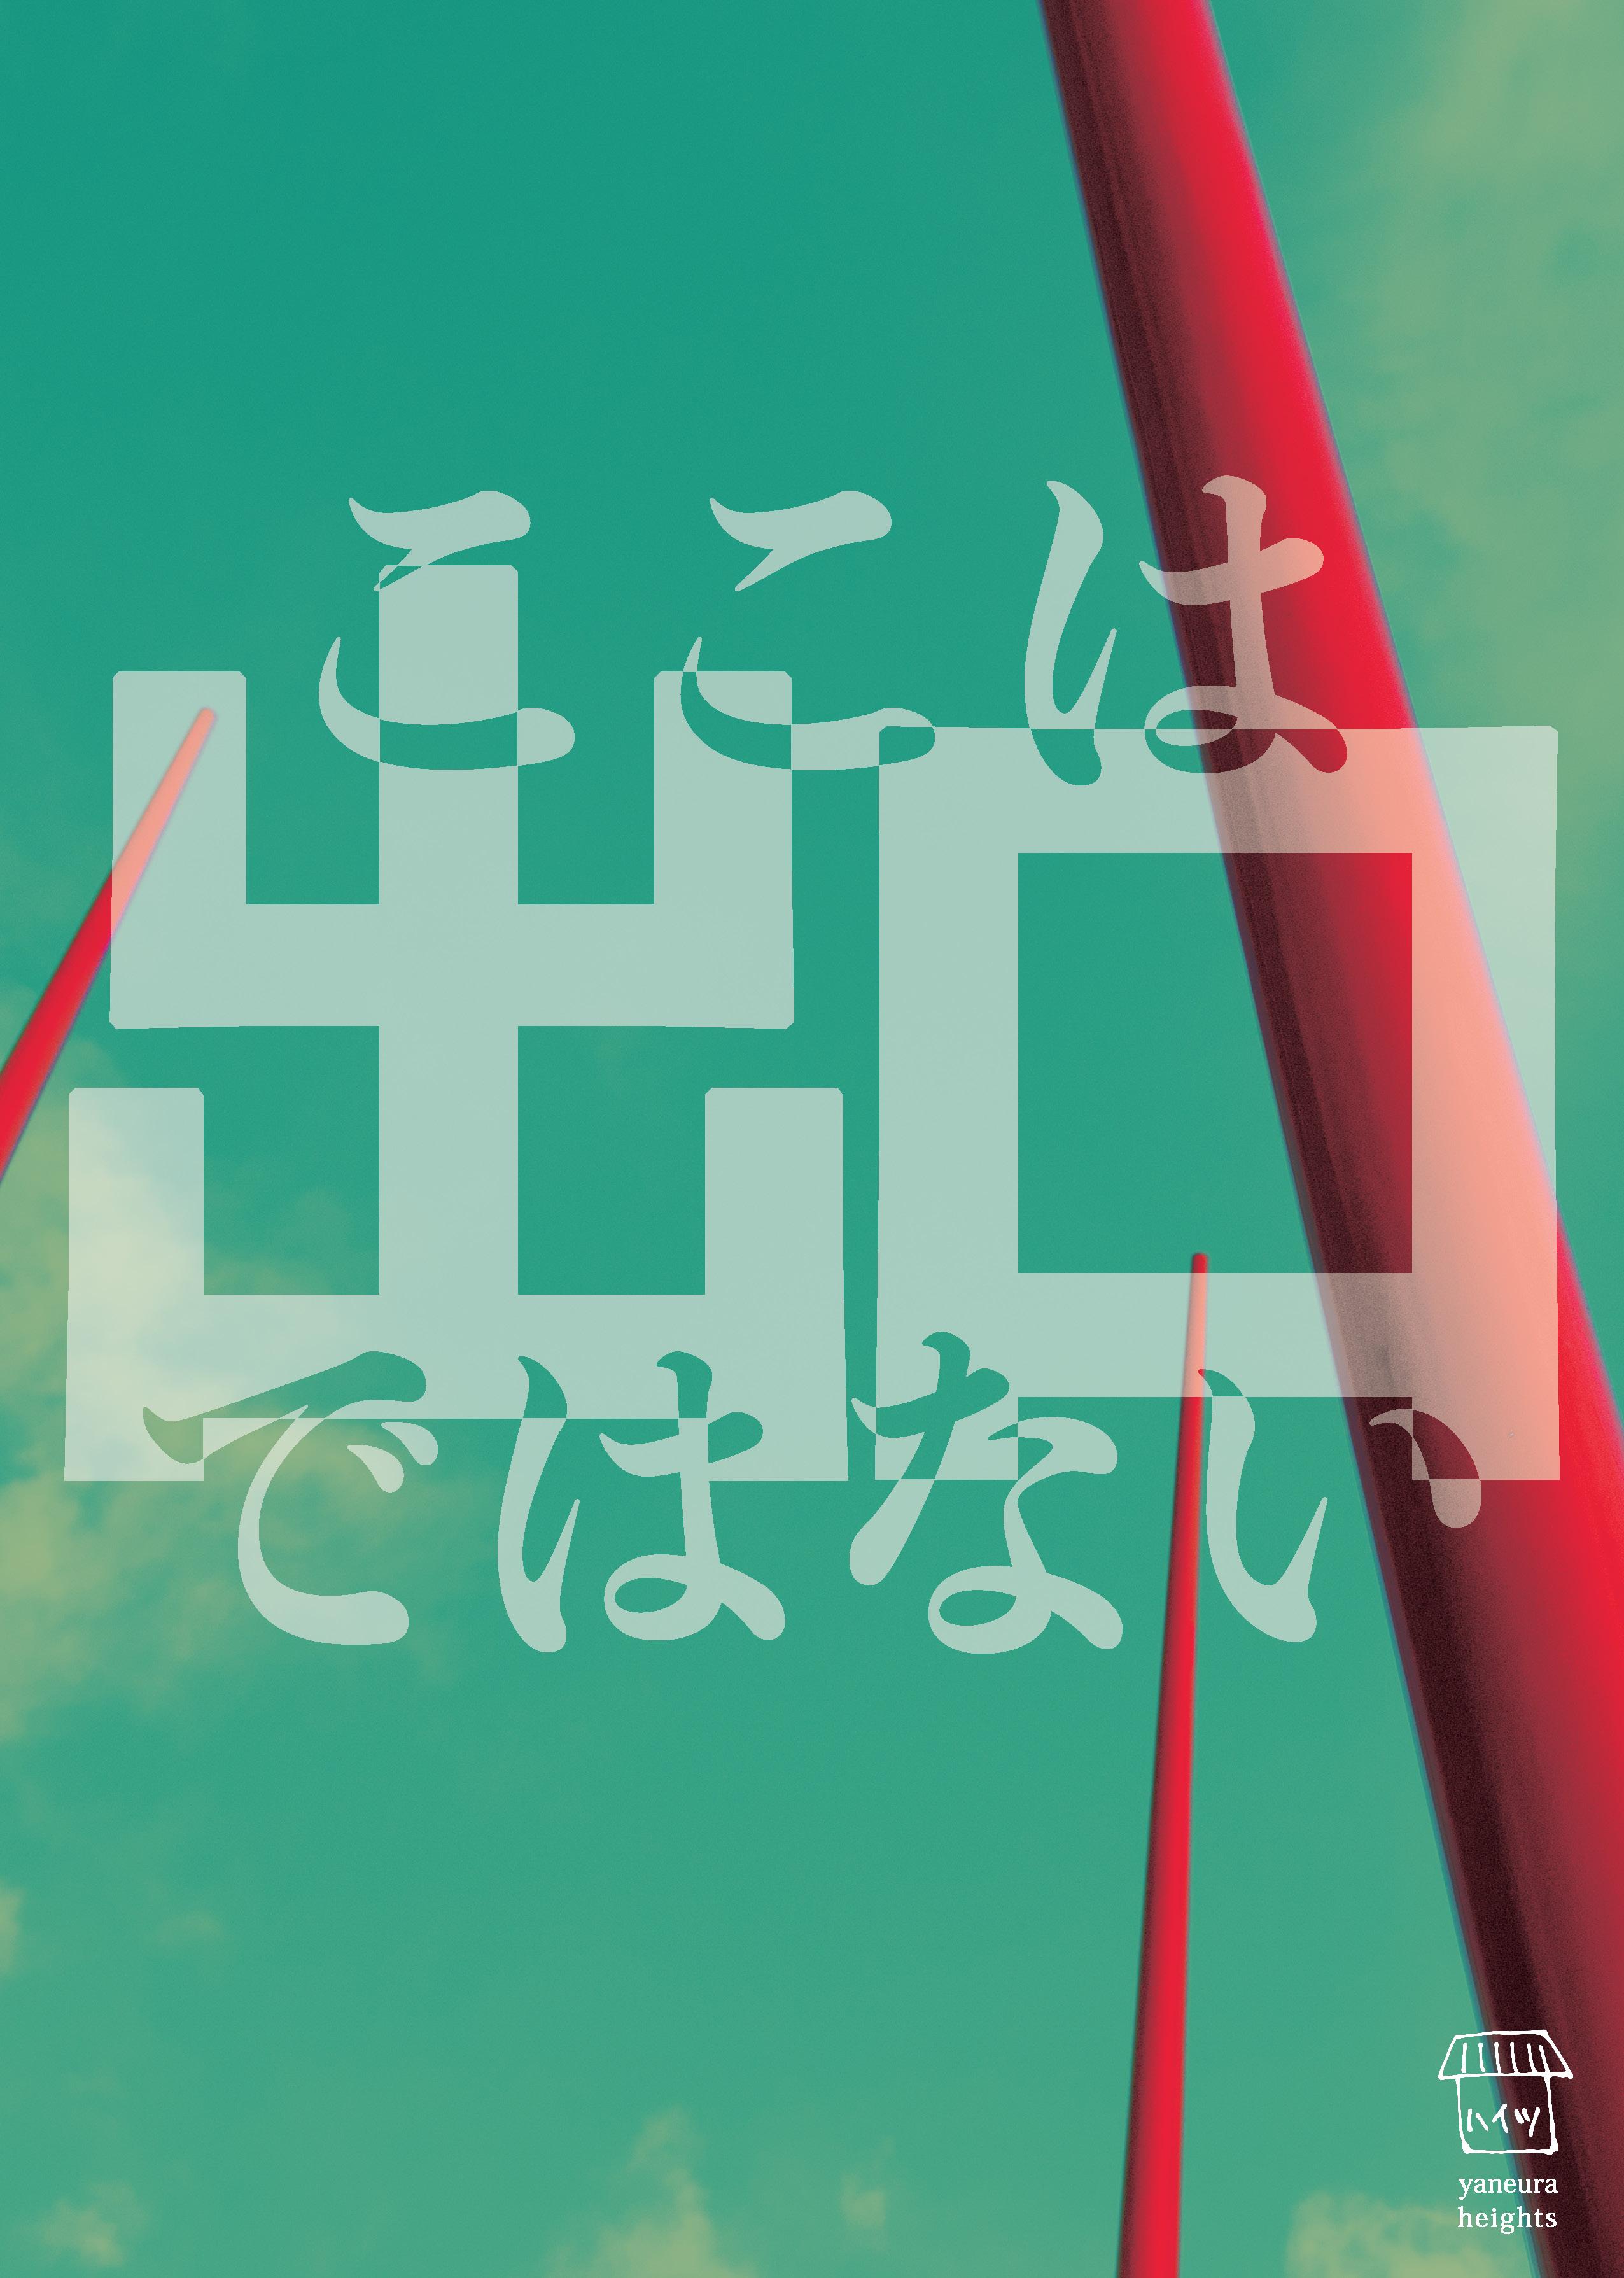 屋根裏ハイツ5F 『ここは出口ではない』仙台公演 12/15m